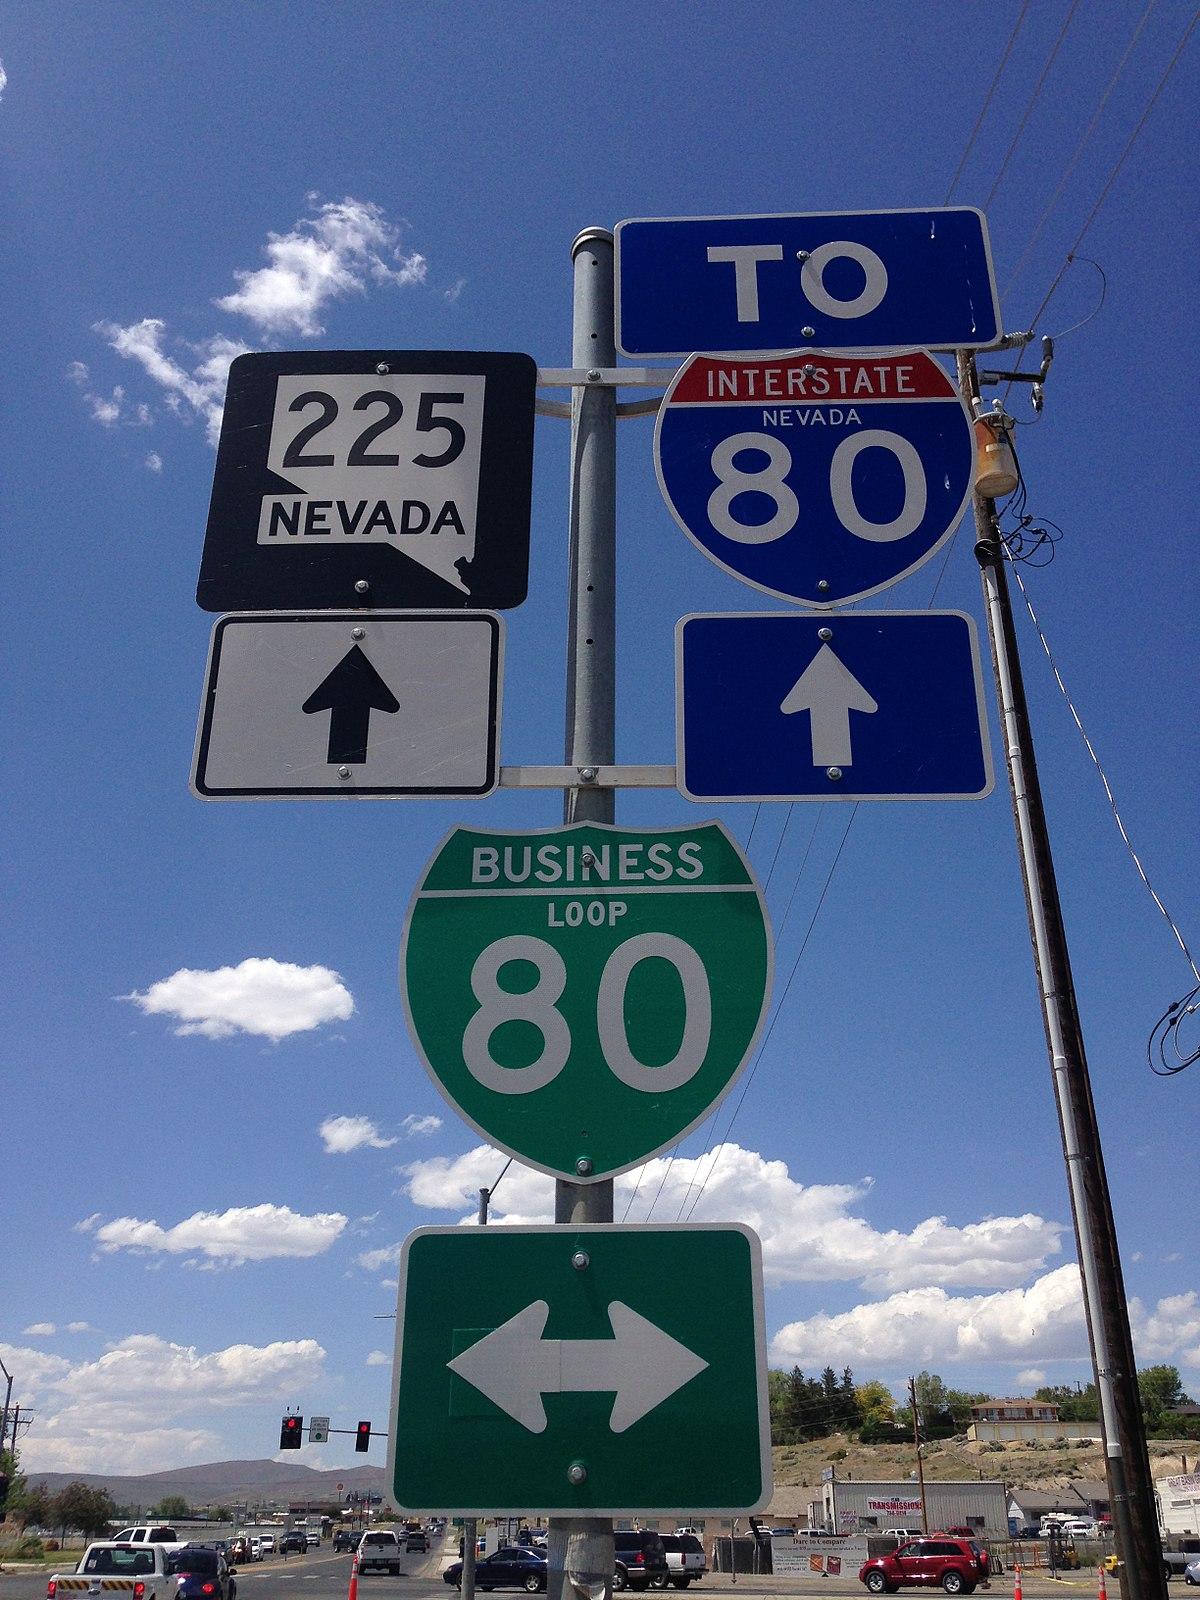 Segnaletica stradale negli Stati Uniti dAmerica  Wikipedia